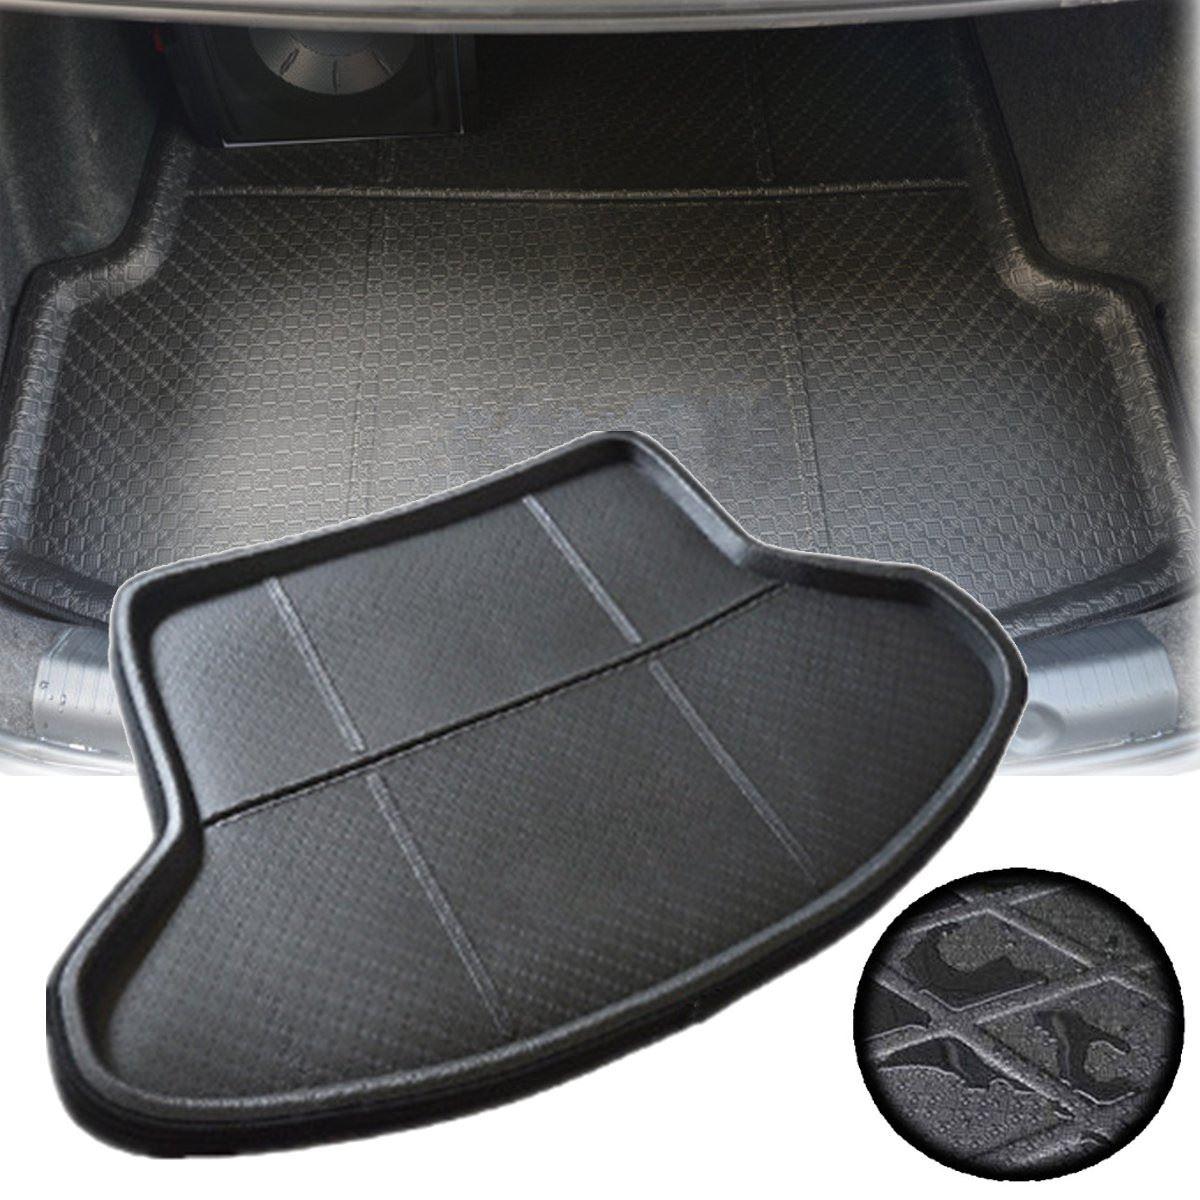 Coffre de voiture hayon Cargo Liner tapis imperméable coussin tapis arrière coffre Liner pour Toyota Prius 2008 2012 tapis de protection de sol|liner -